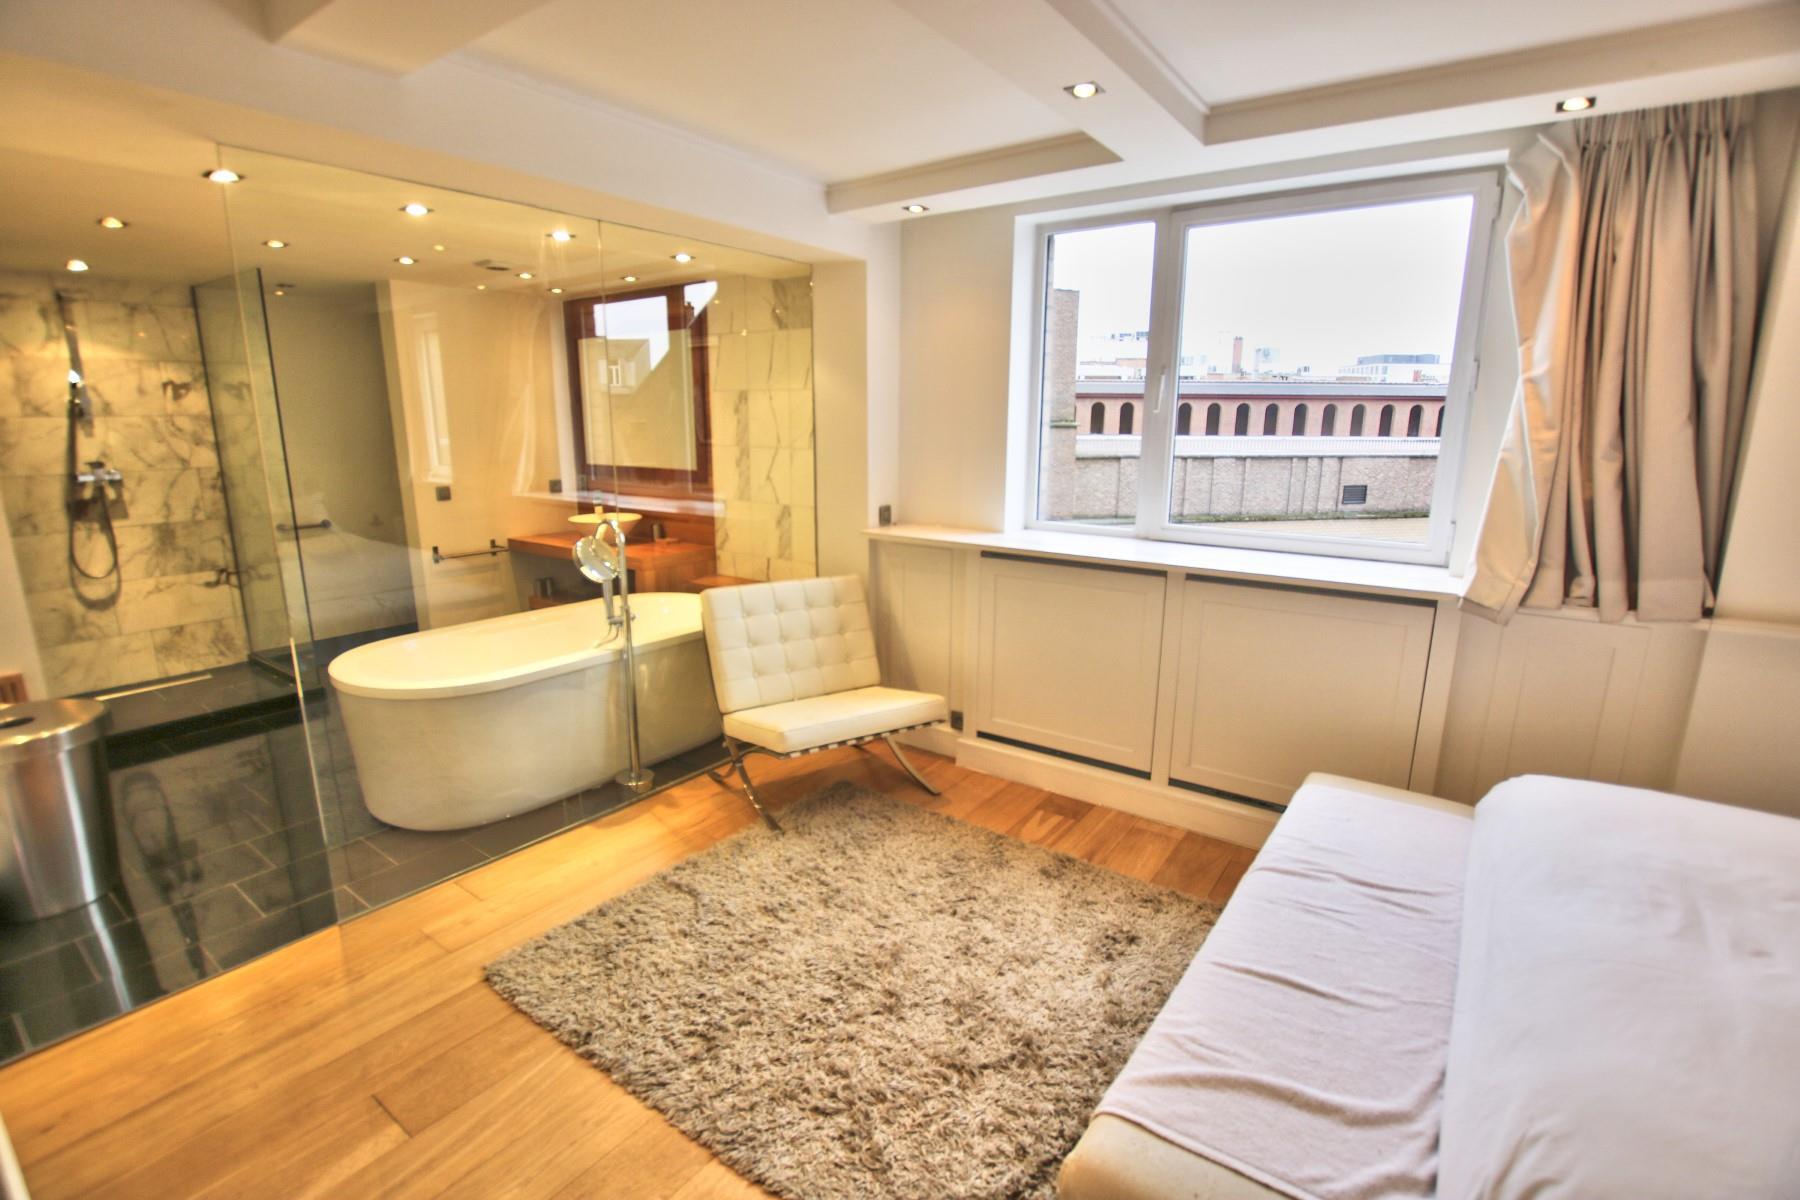 Appartement exceptionnel - Ixelles - #4030098-11